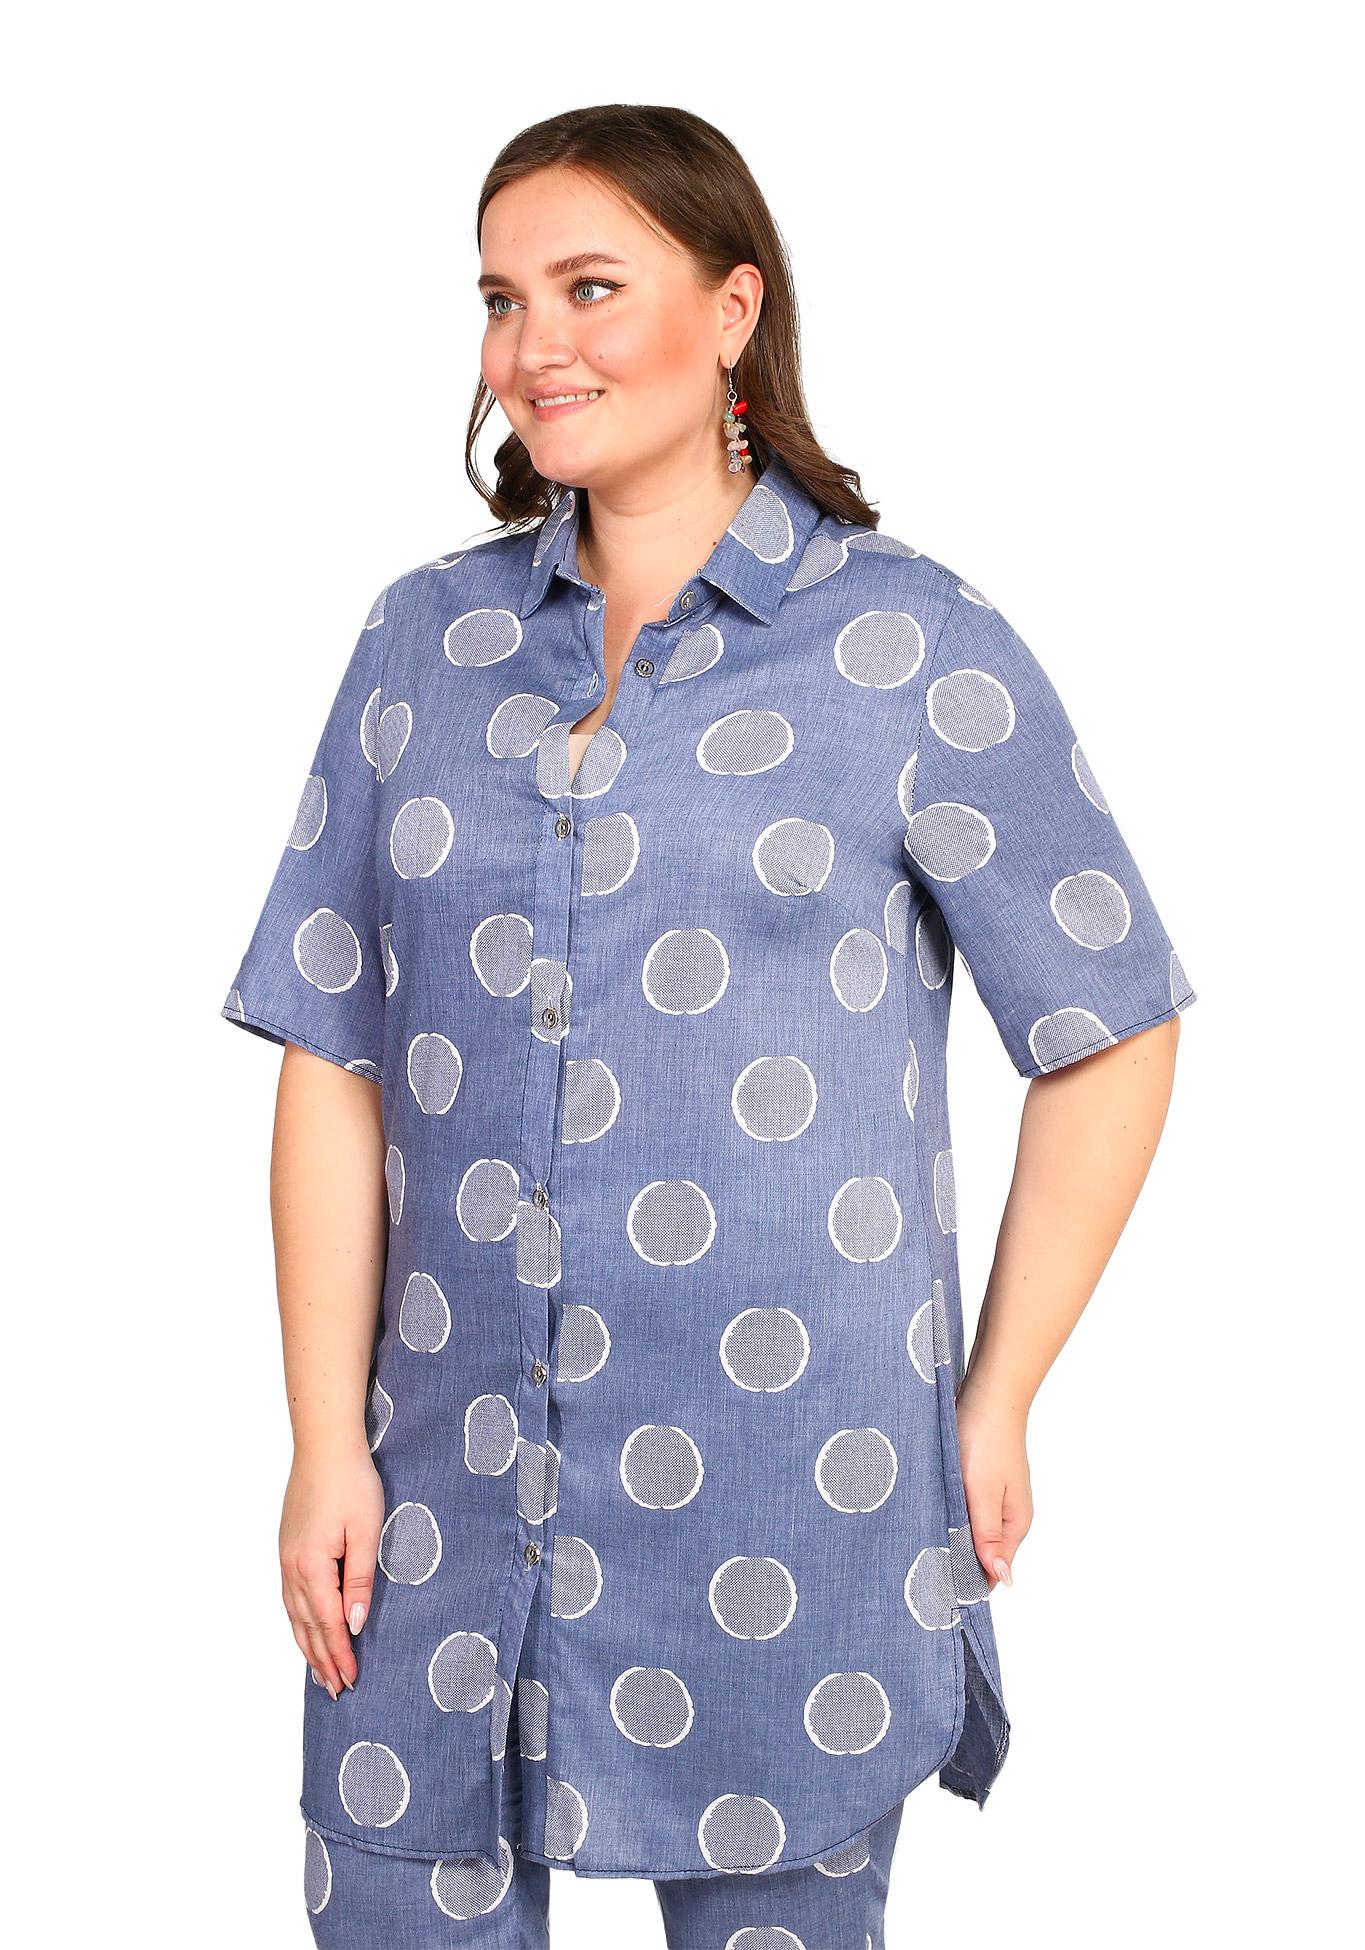 Кардиган Дамский каприз платье дамский каприз